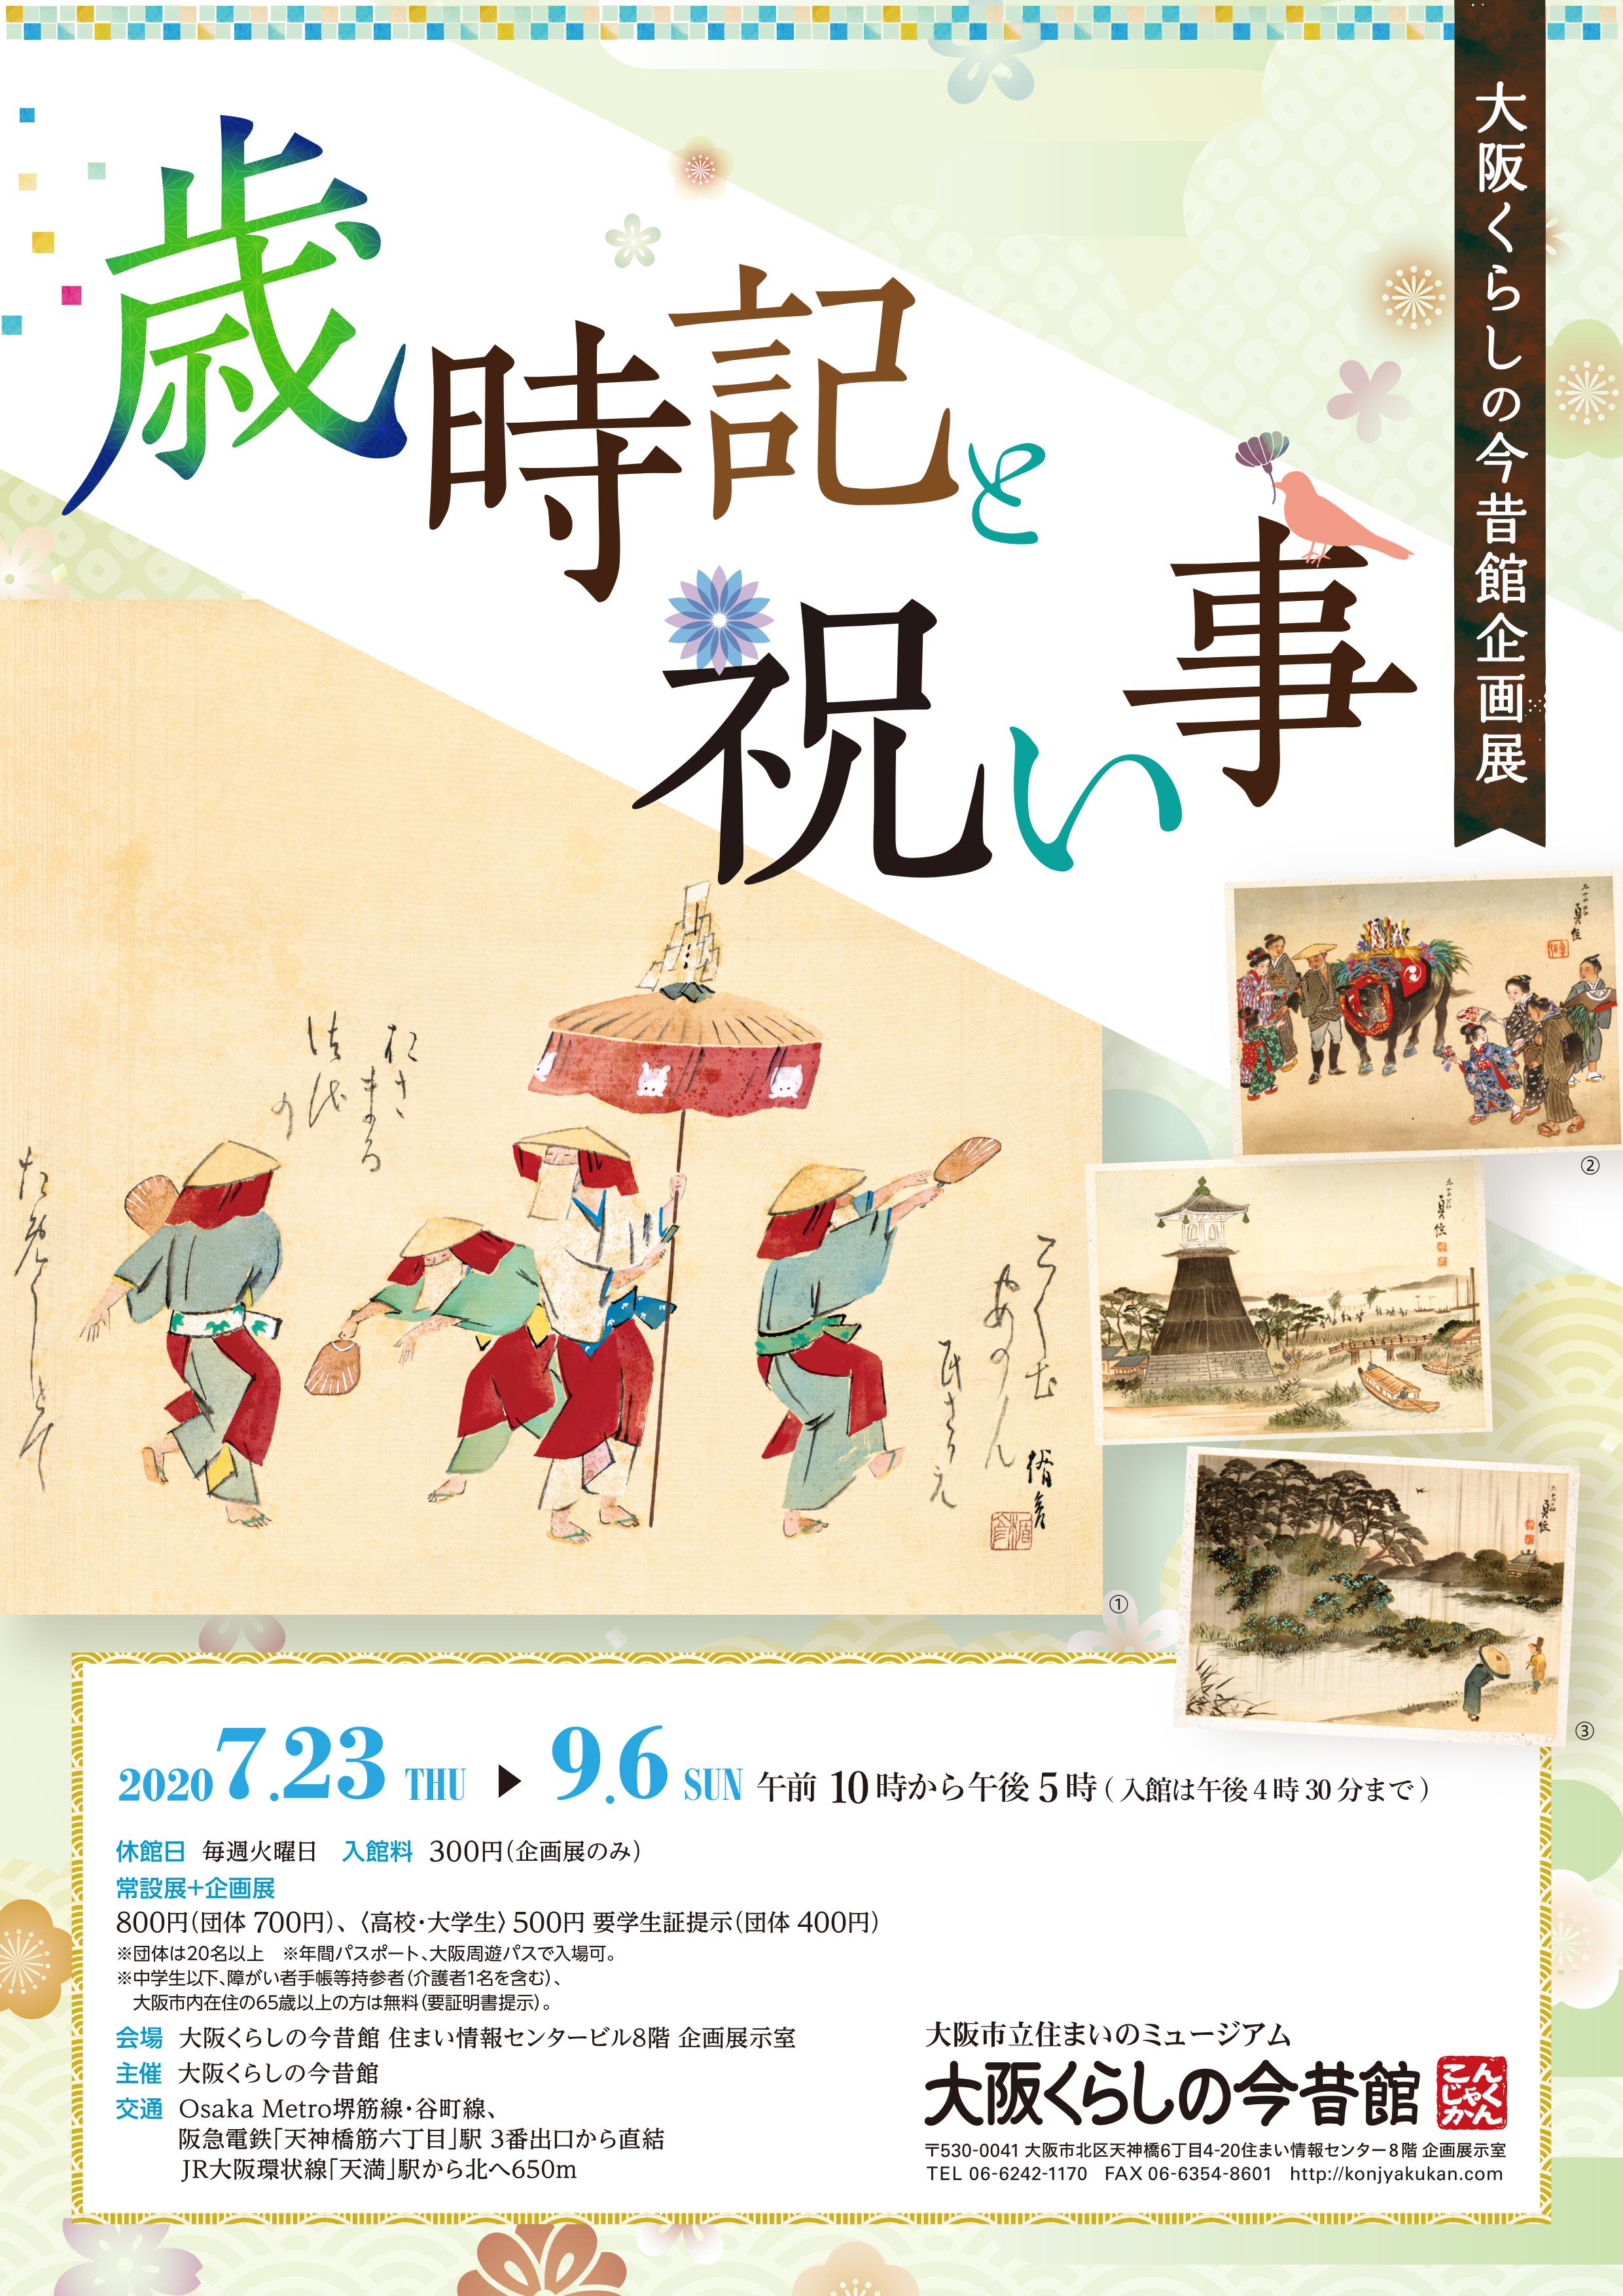 大阪くらしの今昔館所蔵品展「歳時記と祝い事」